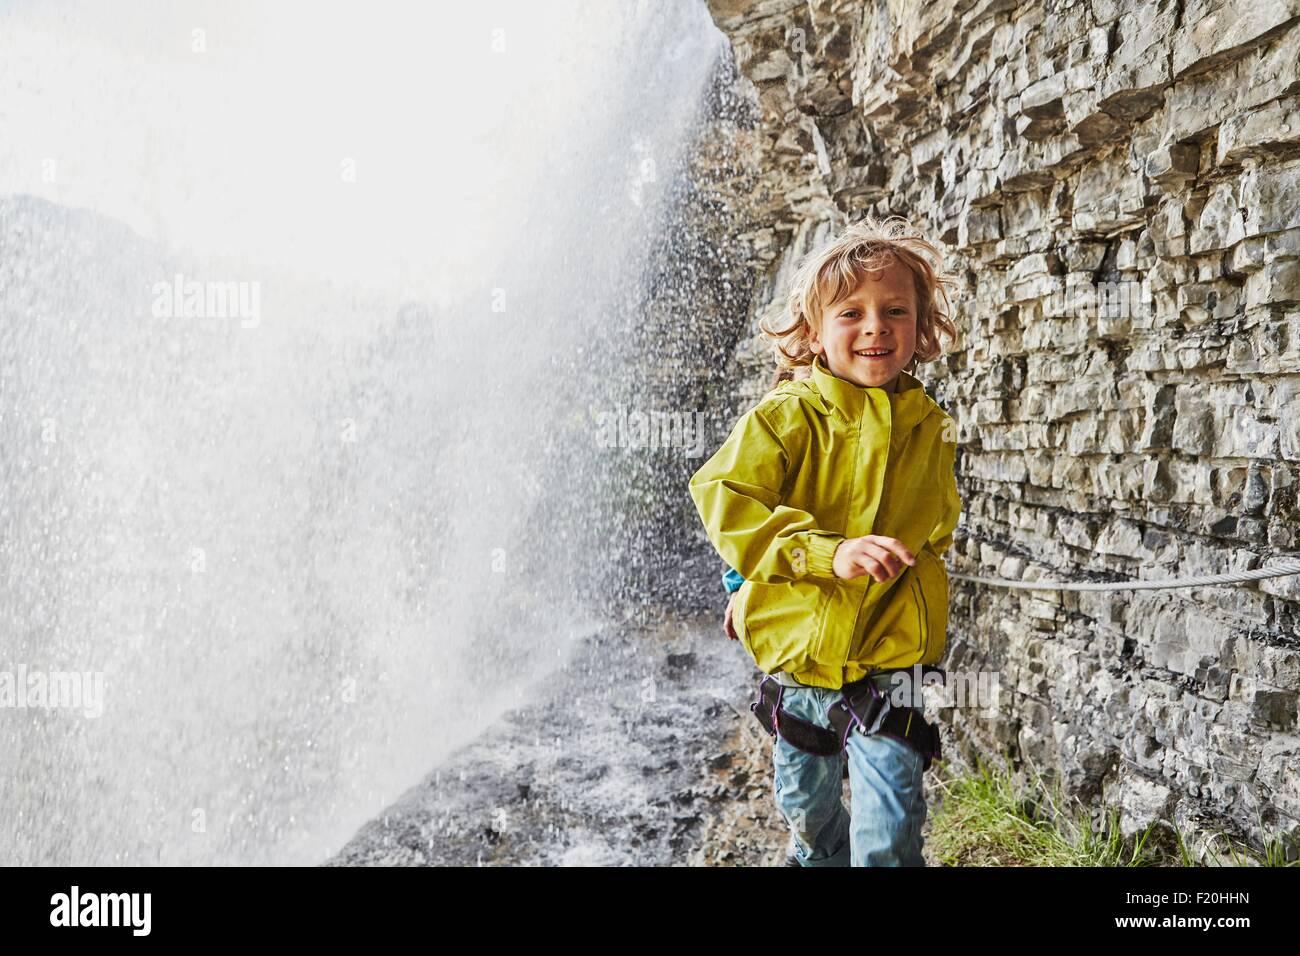 Junge Wandern unter Wasserfall, Lächeln Stockbild